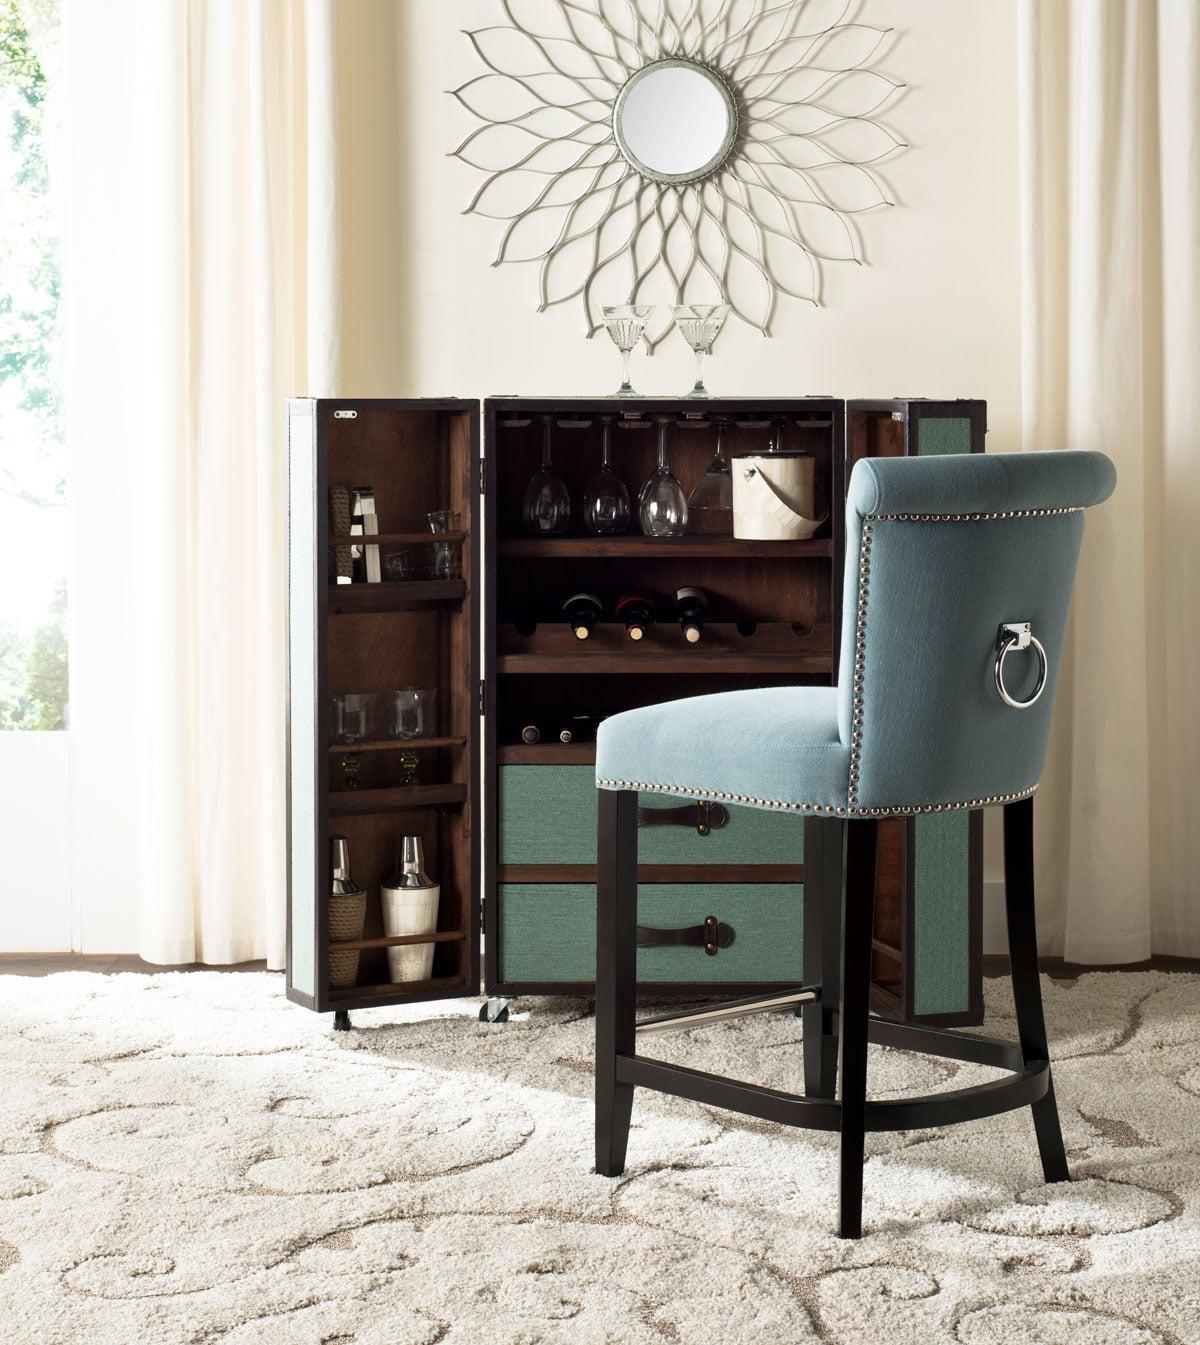 Amazing Safavieh Addo Classic Glam Ring Counter Stool With Footrest Inzonedesignstudio Interior Chair Design Inzonedesignstudiocom